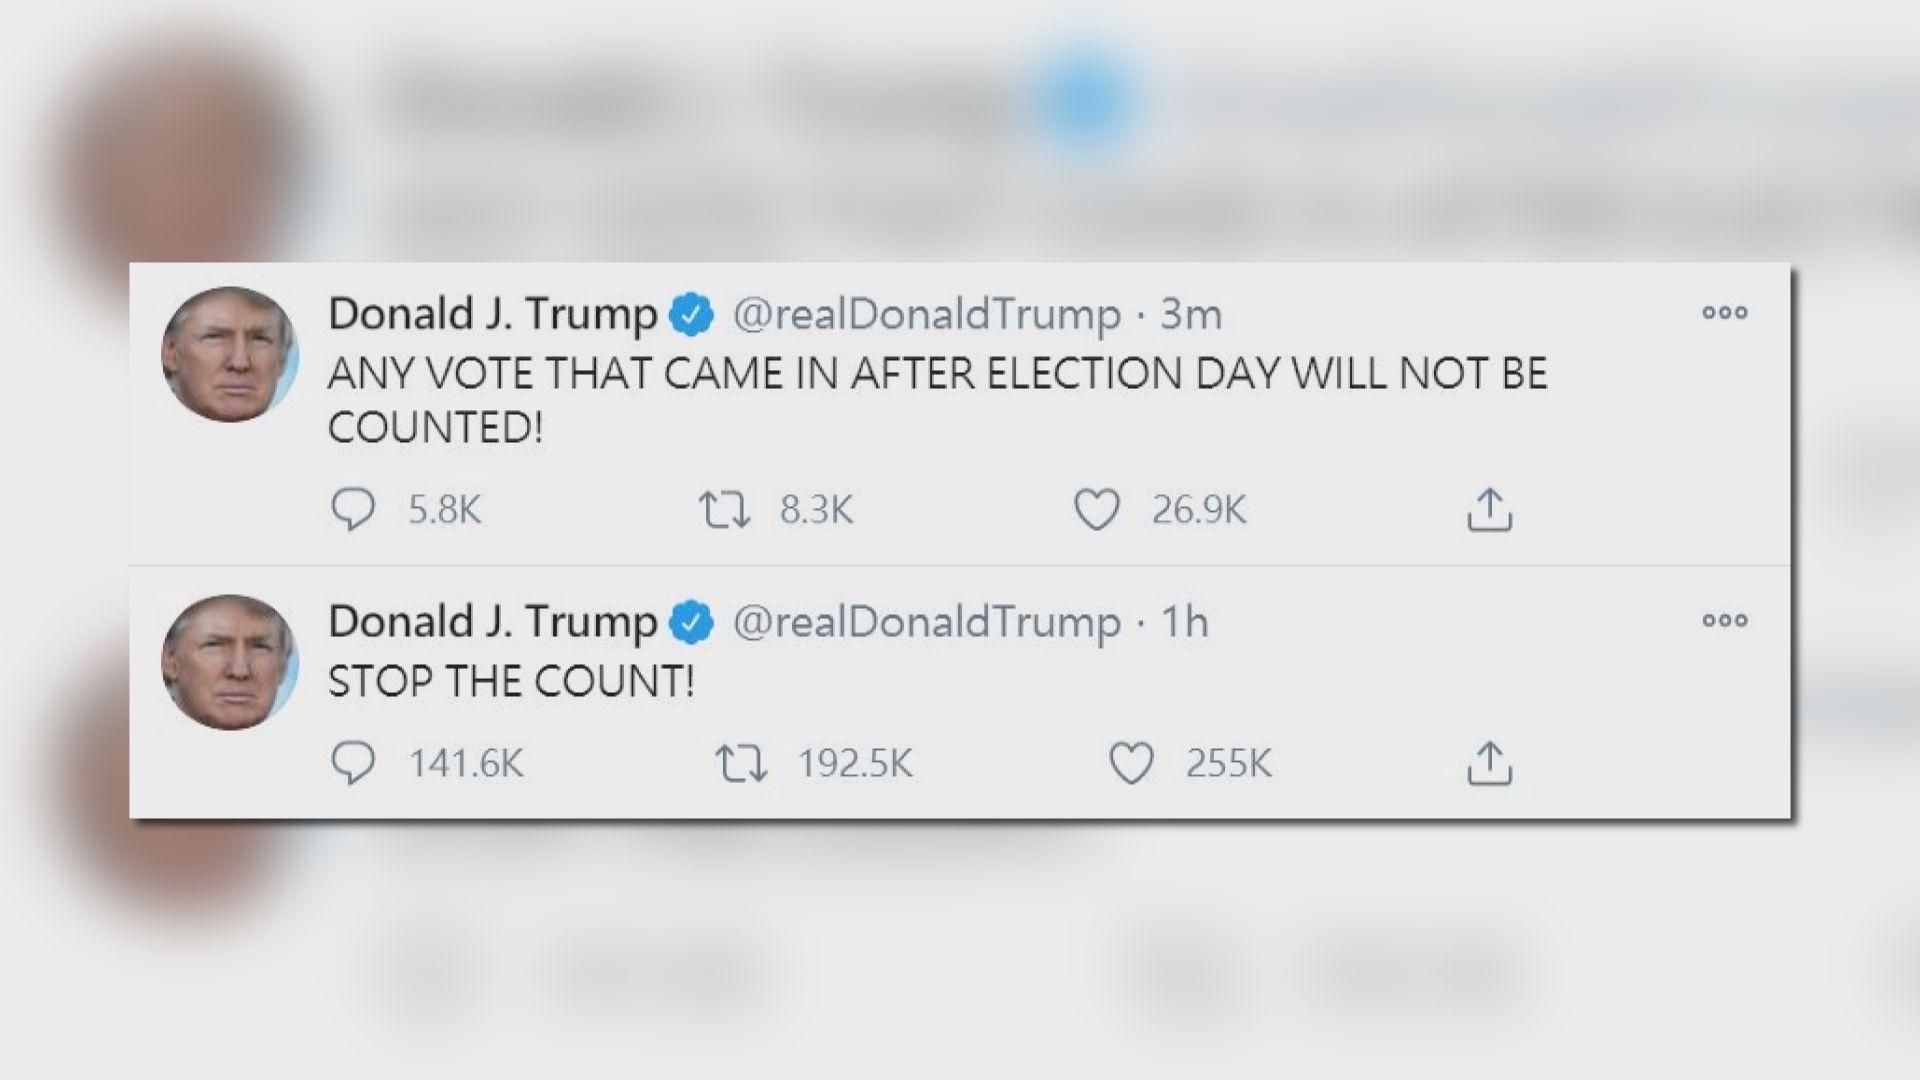 特朗普再要求停止點票 不應計算投票日後收到選票